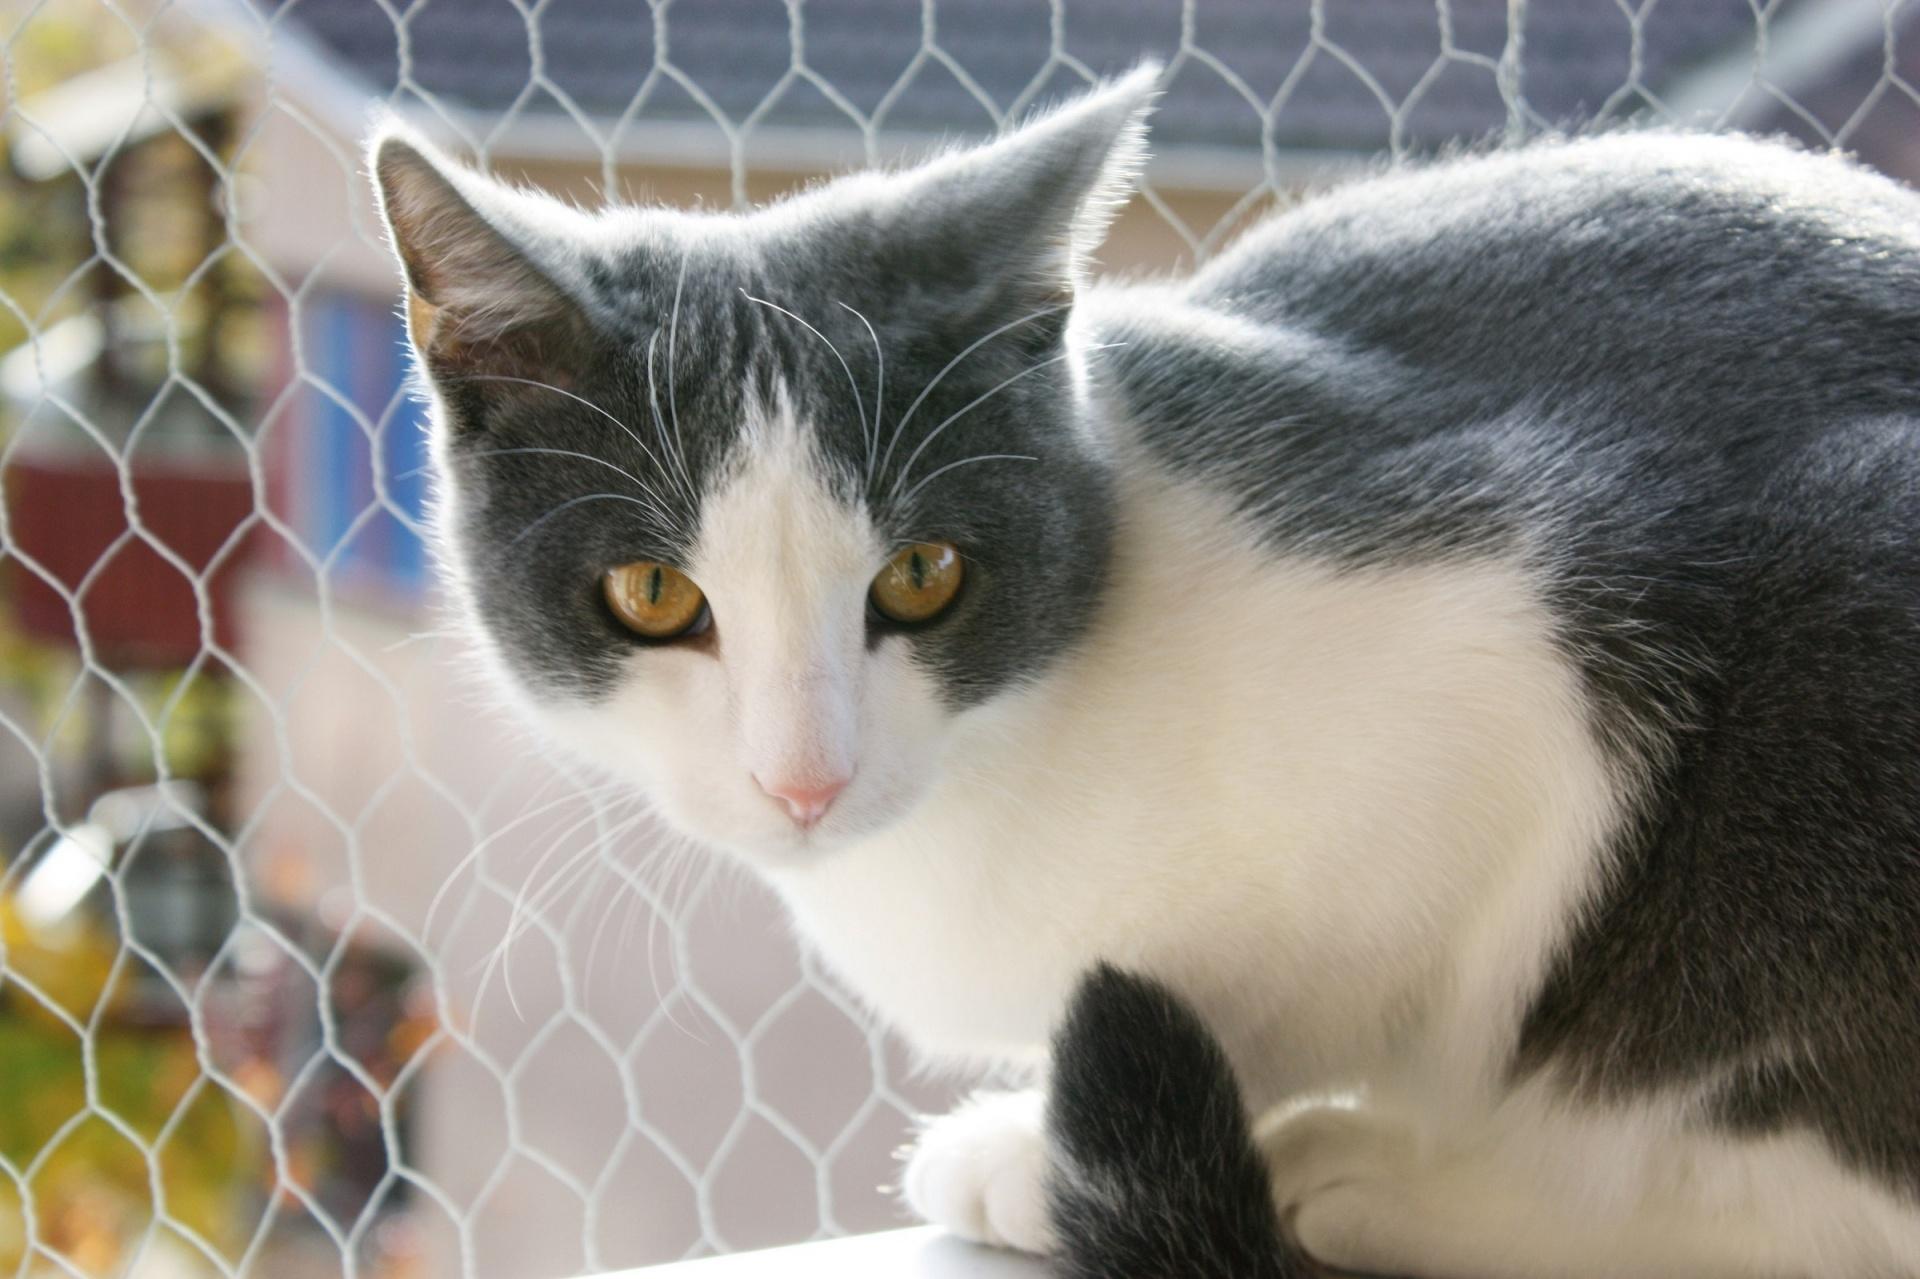 Portrait Of A Curious Cat Free Stock Photo - Public Domain Pictures